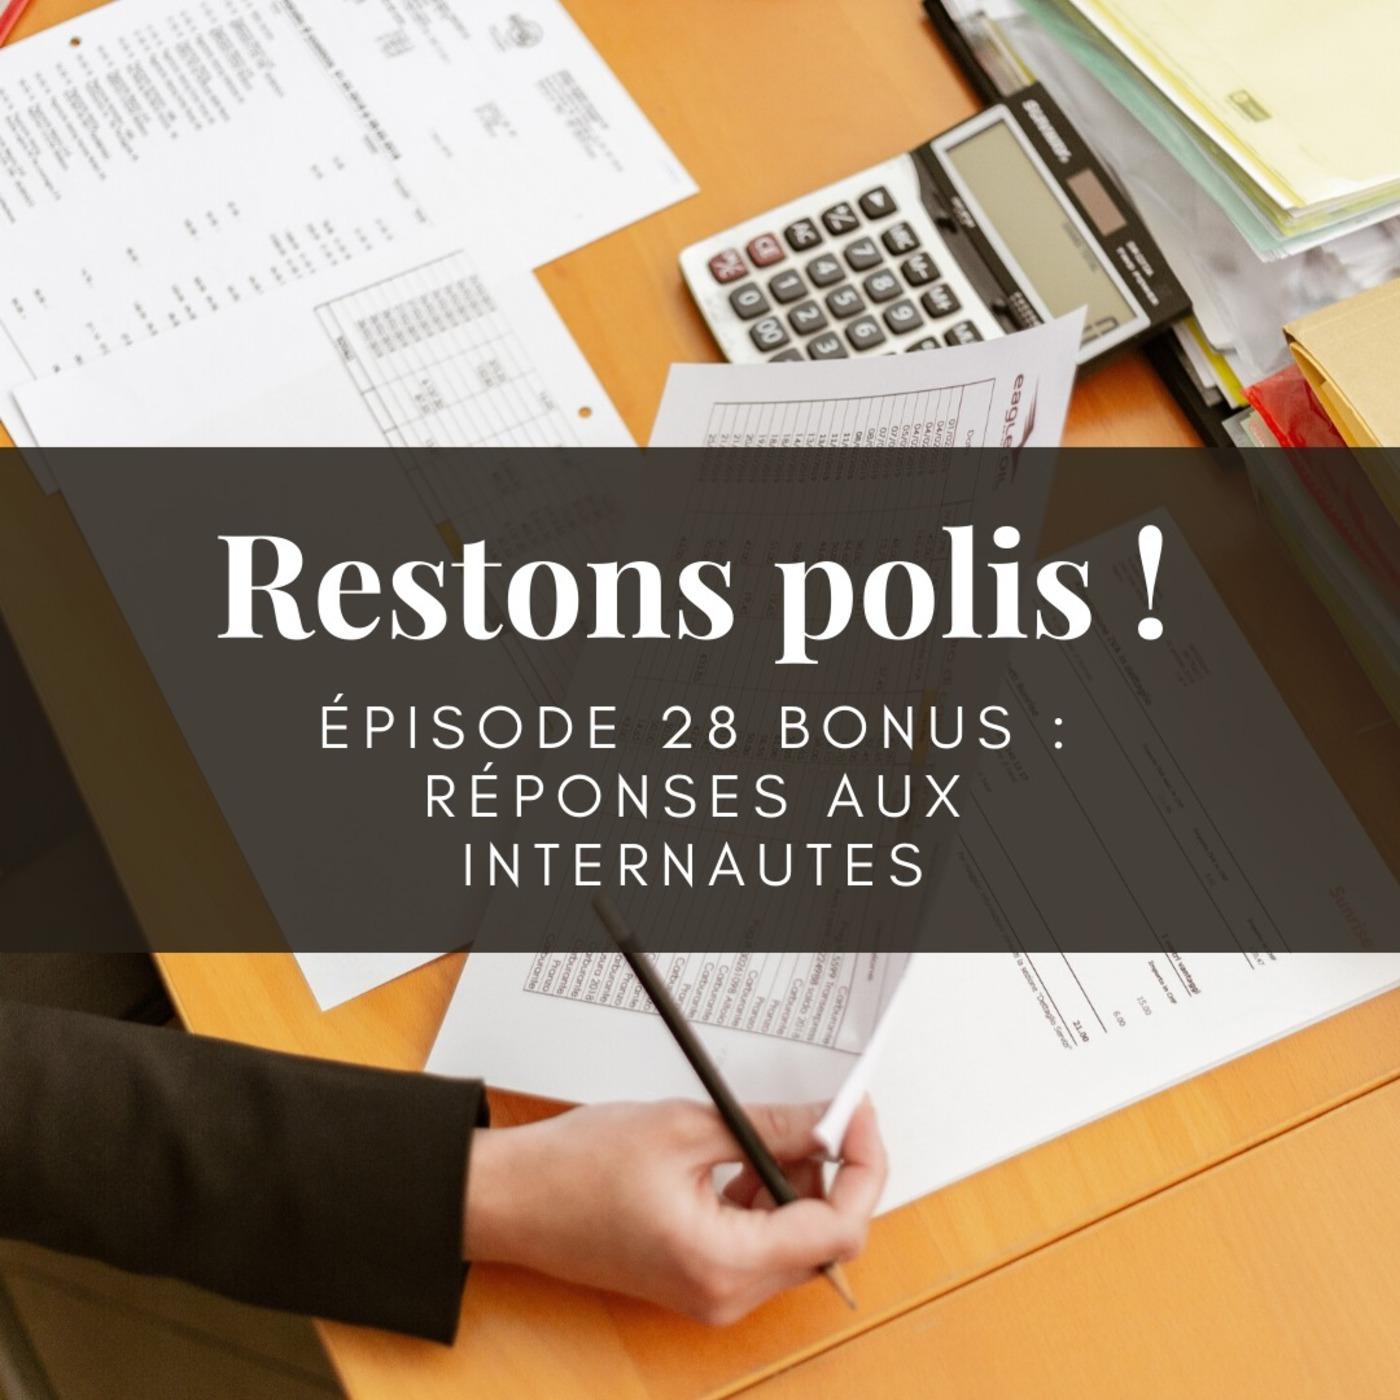 Ep. 28 bis : Réponses aux internautes - C'est quoi la fonction publique ?